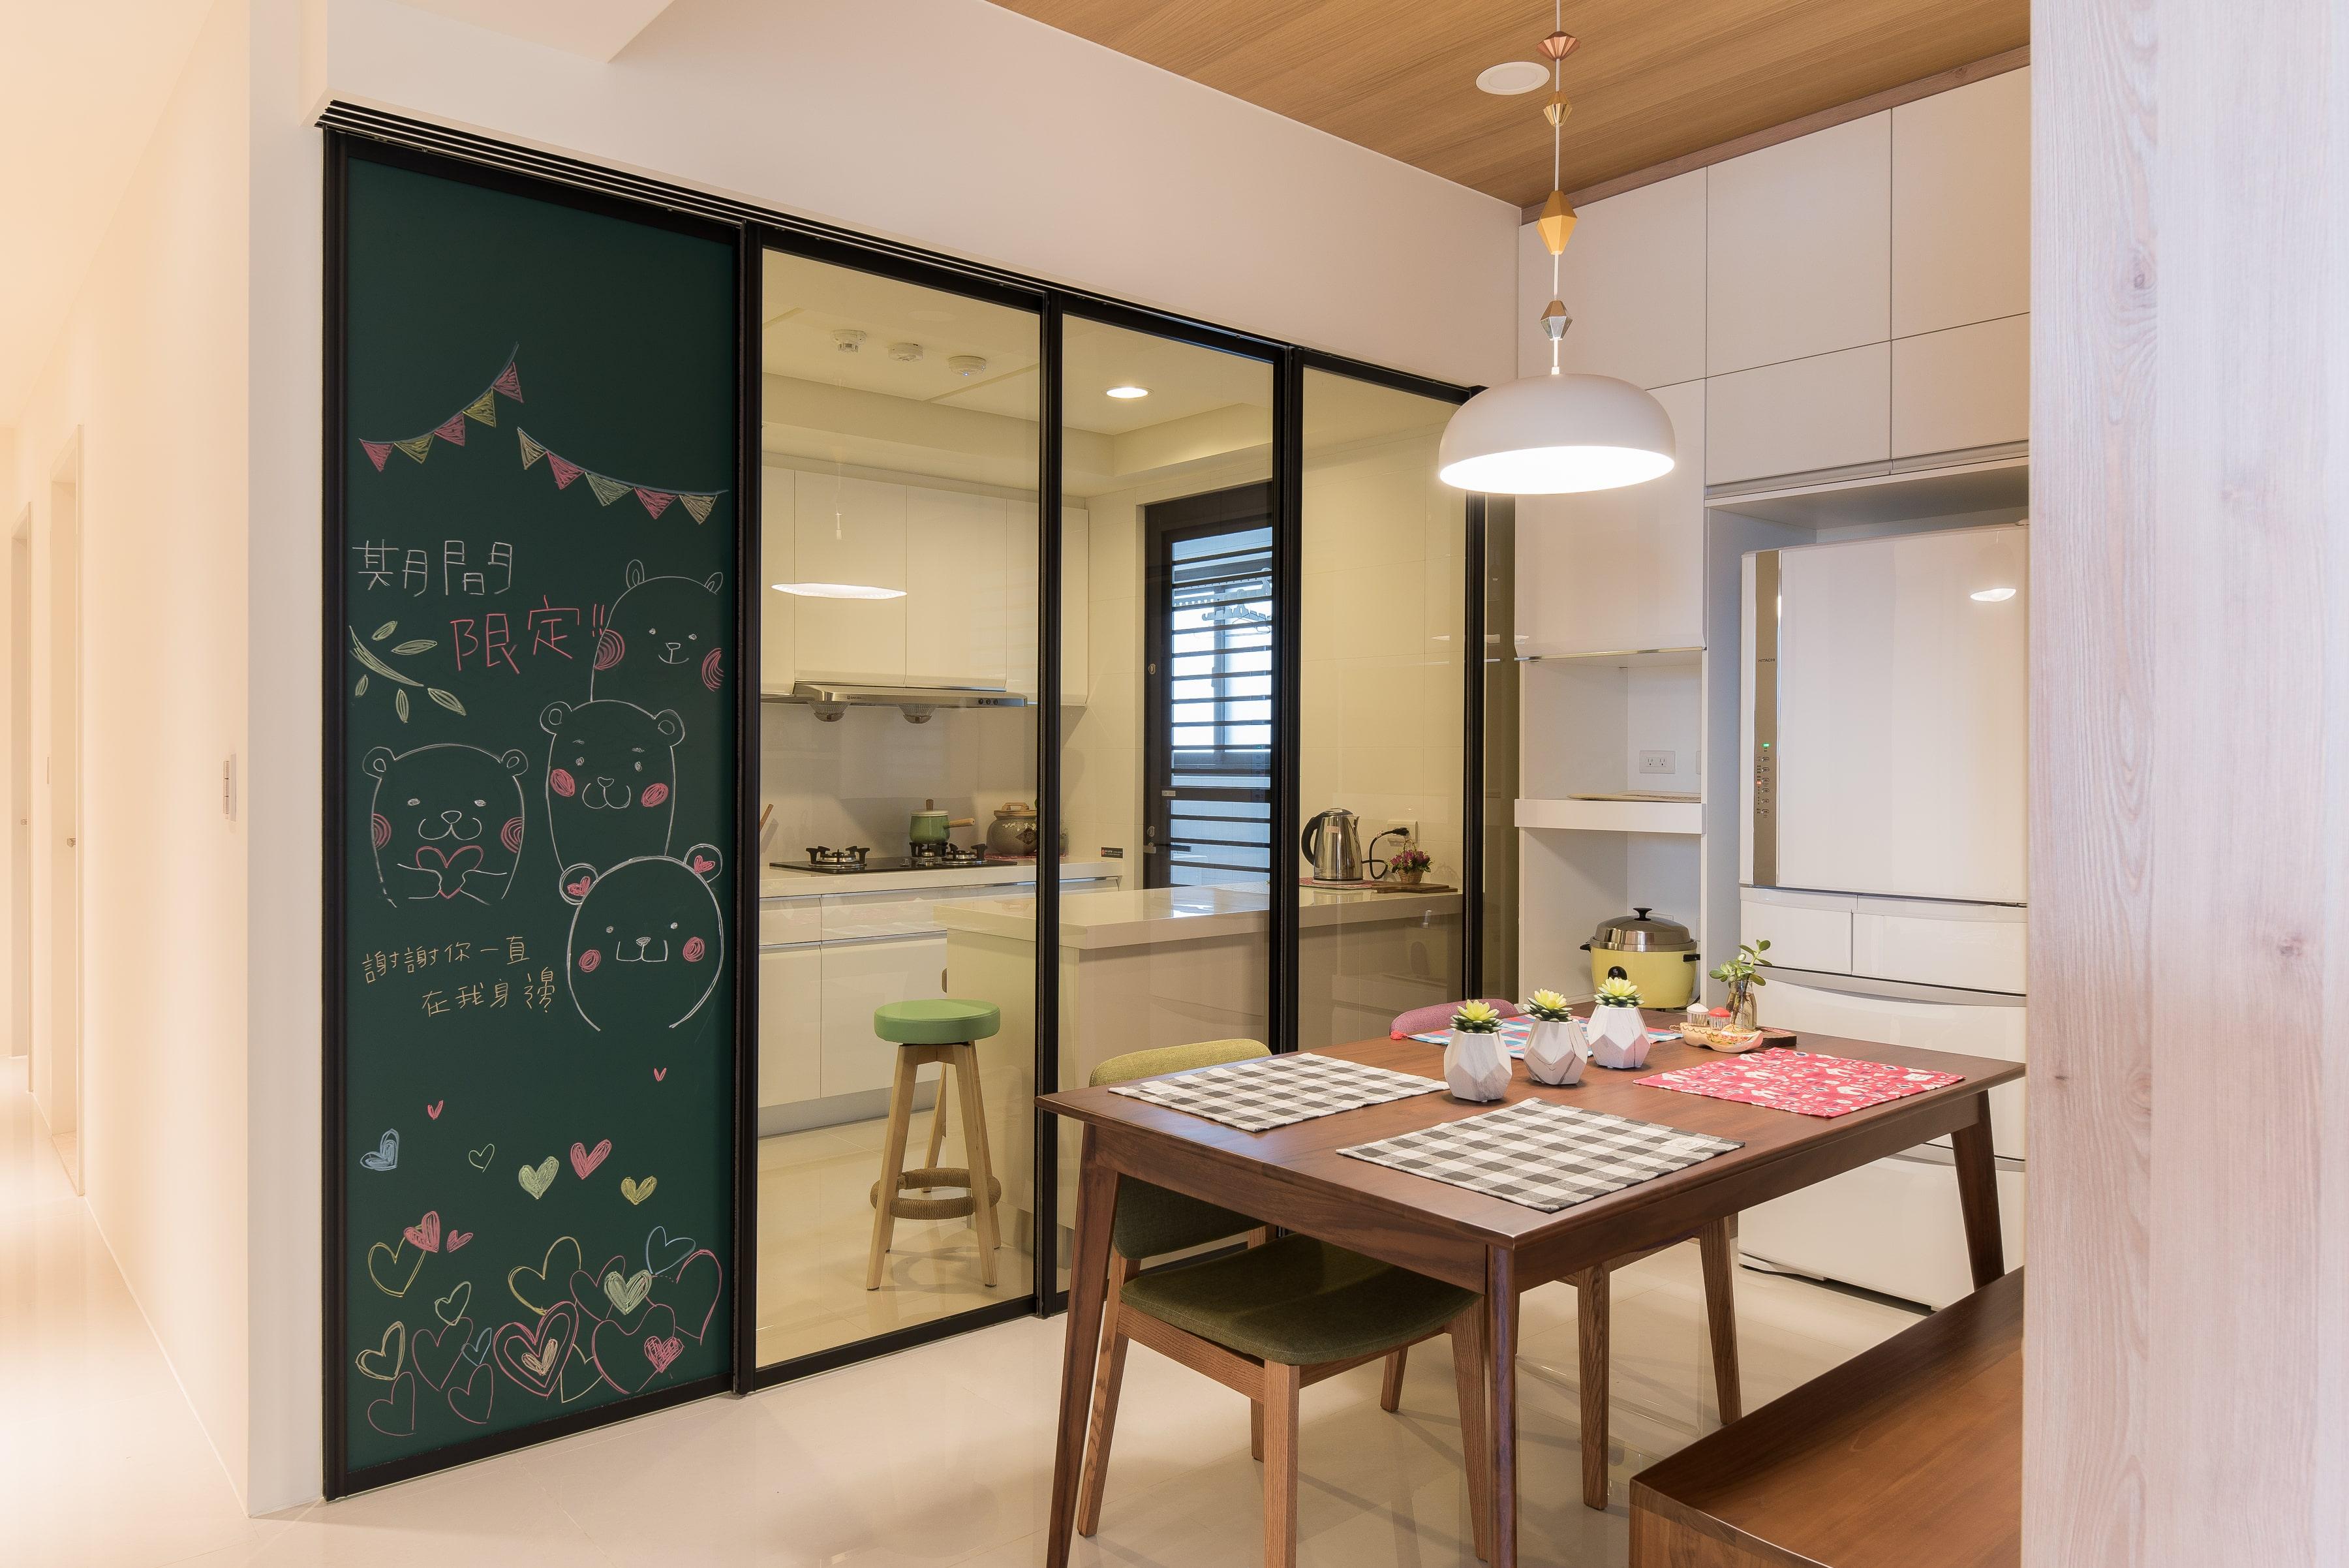 實木傢俱,系統傢俱,室內設計,優渥實木,北歐風,簡約風,現代風